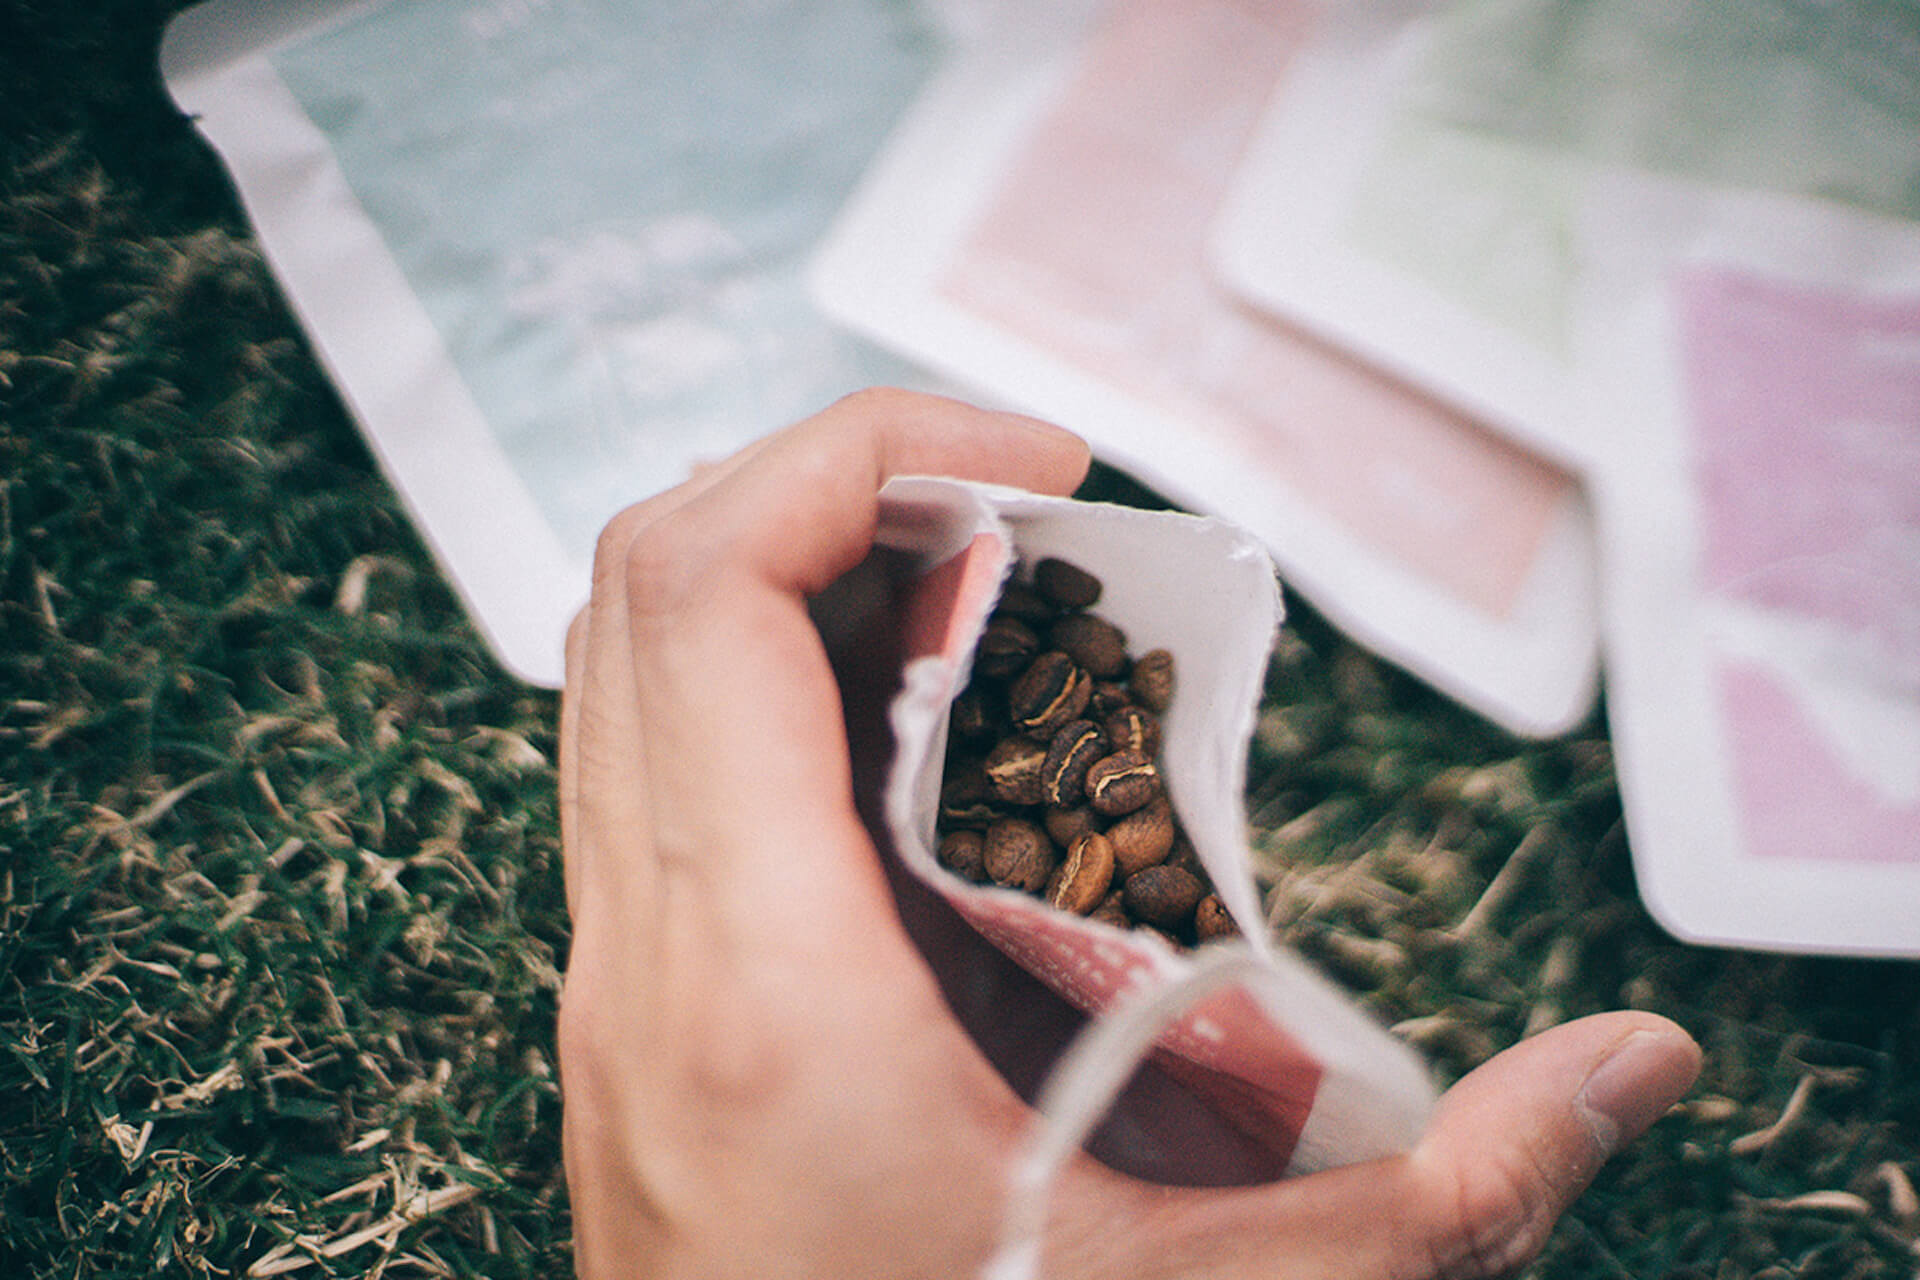 【2021年・コーヒーギア特集】アウトドア&自宅で極上のコーヒータイムを!機能的ギア&厳選コーヒー豆特集 gourmet210303_jeep_coffee_14_2